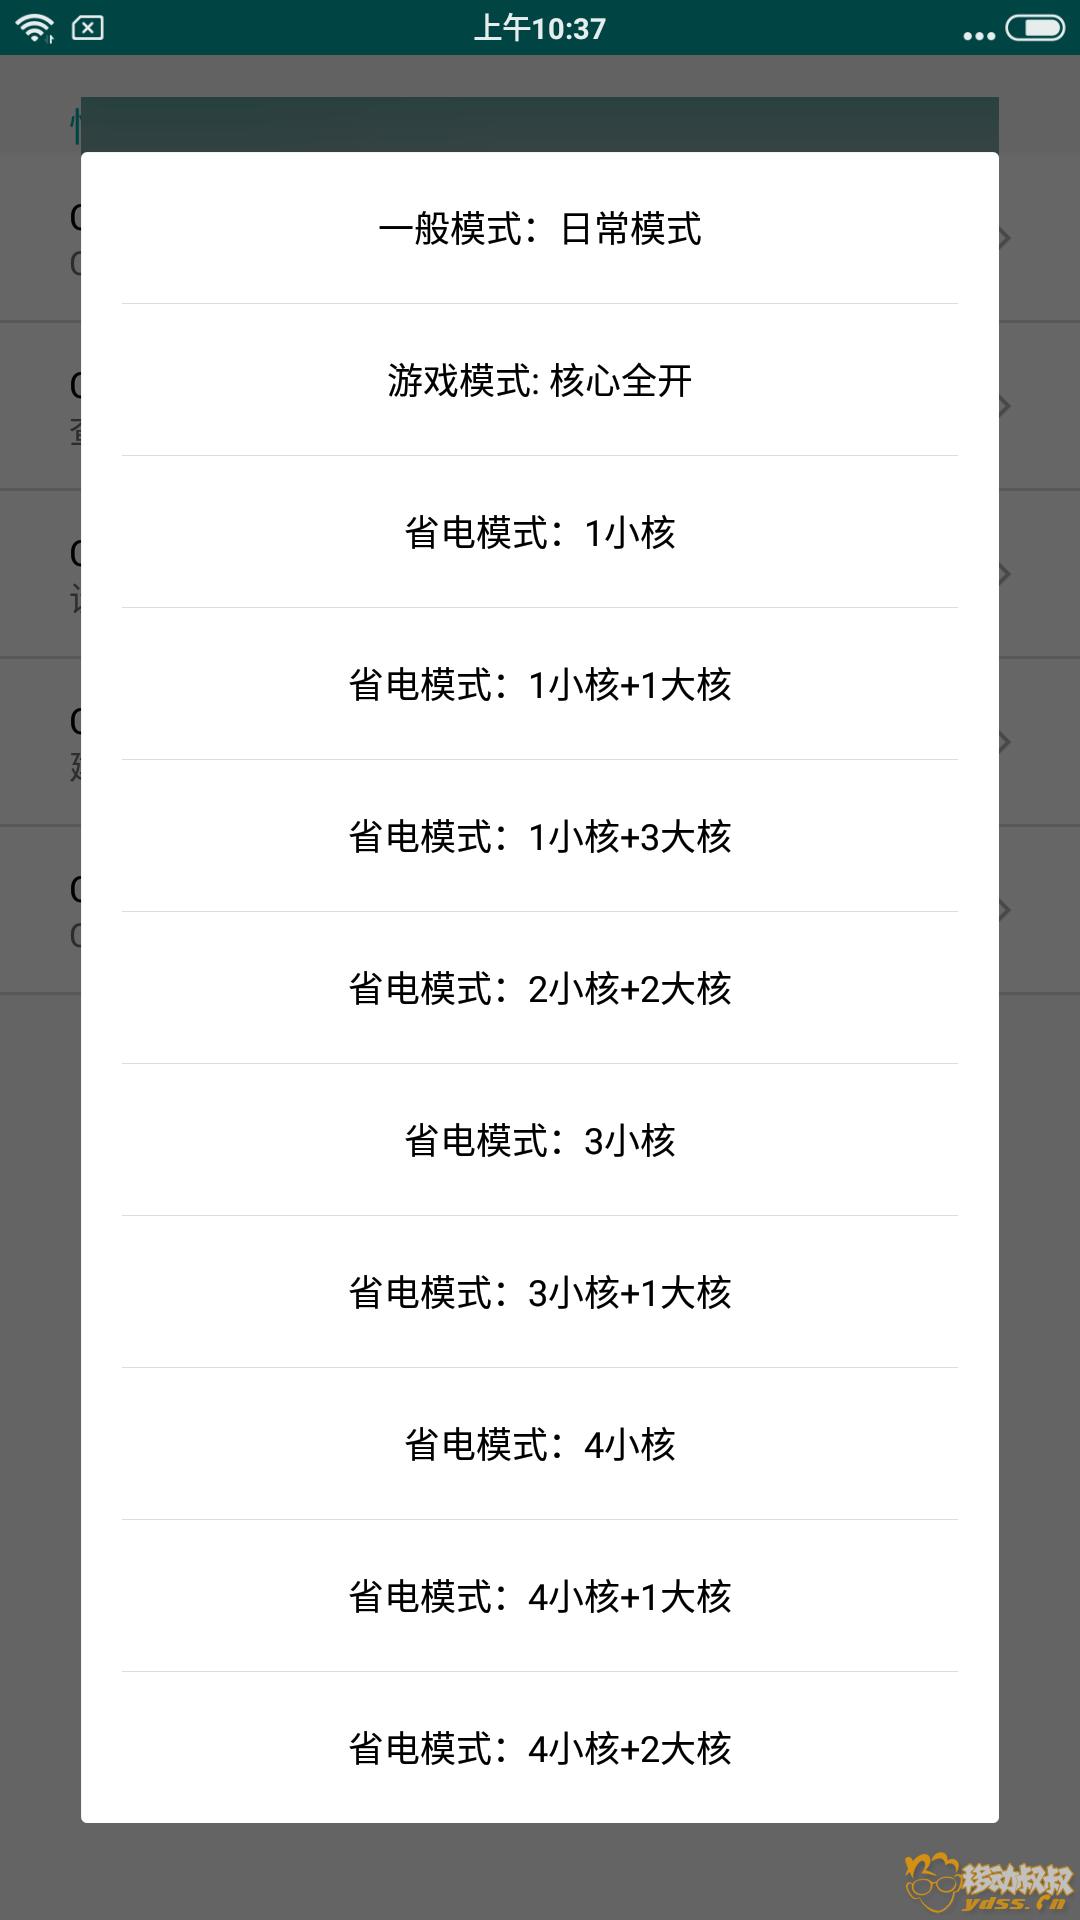 Screenshot_2018-08-10-10-37-20-632_com.lay.superTool.png